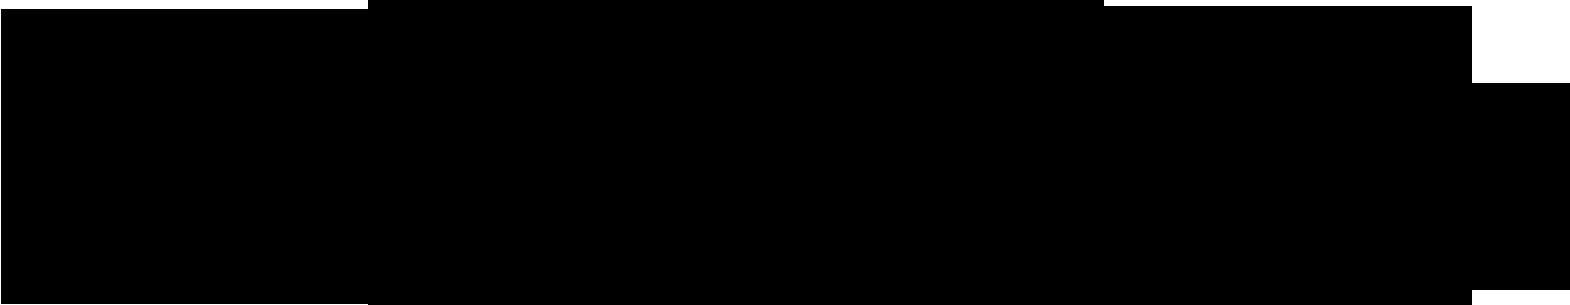 гравюра разделитель из листьев дуба